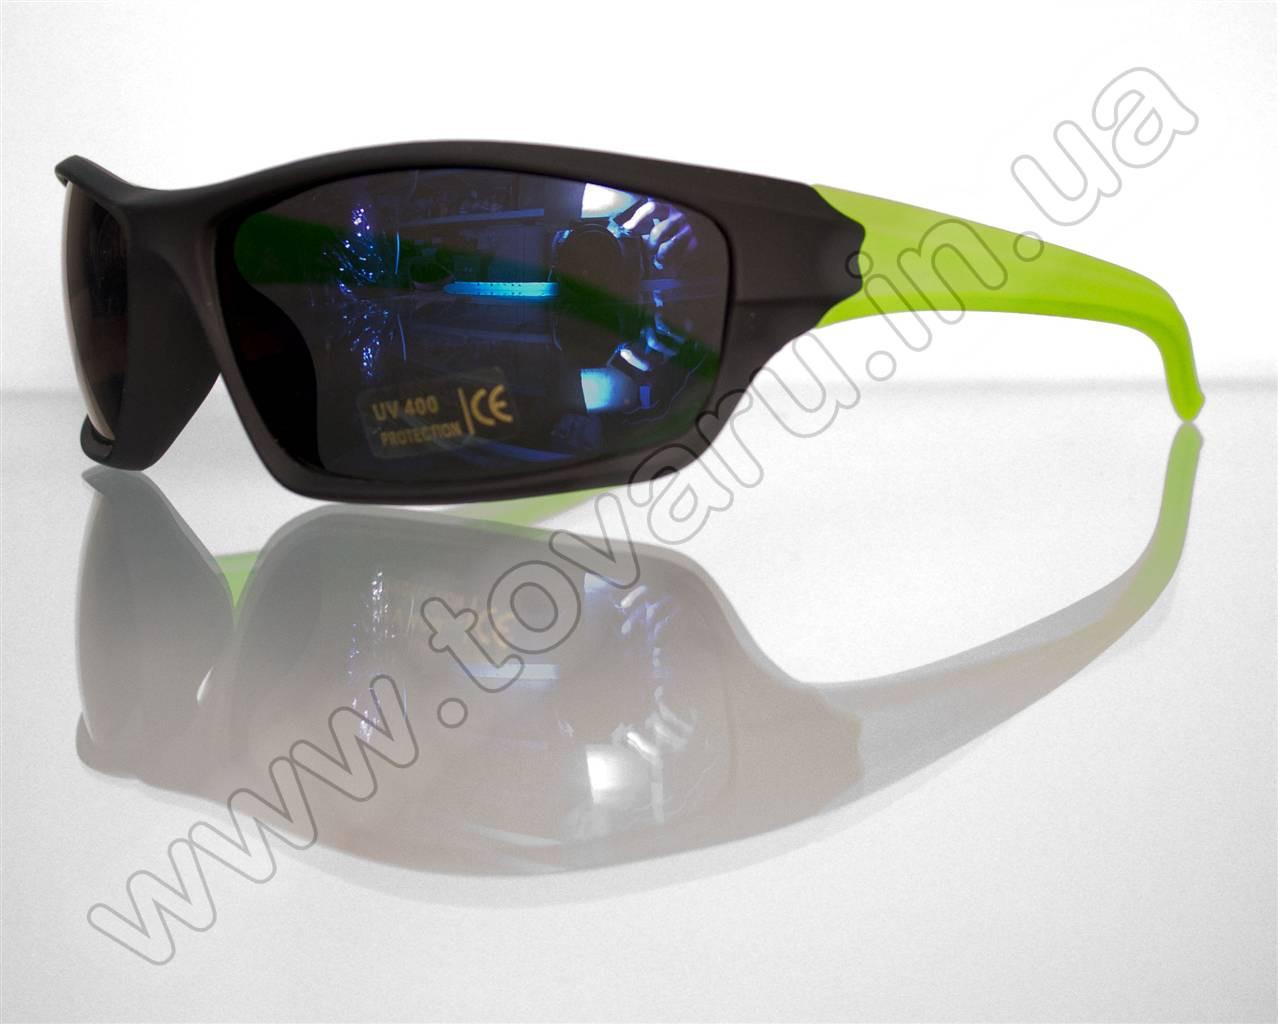 Оптом Очки мужские солнцезащитные спортивные - Черно-салатовые - T85